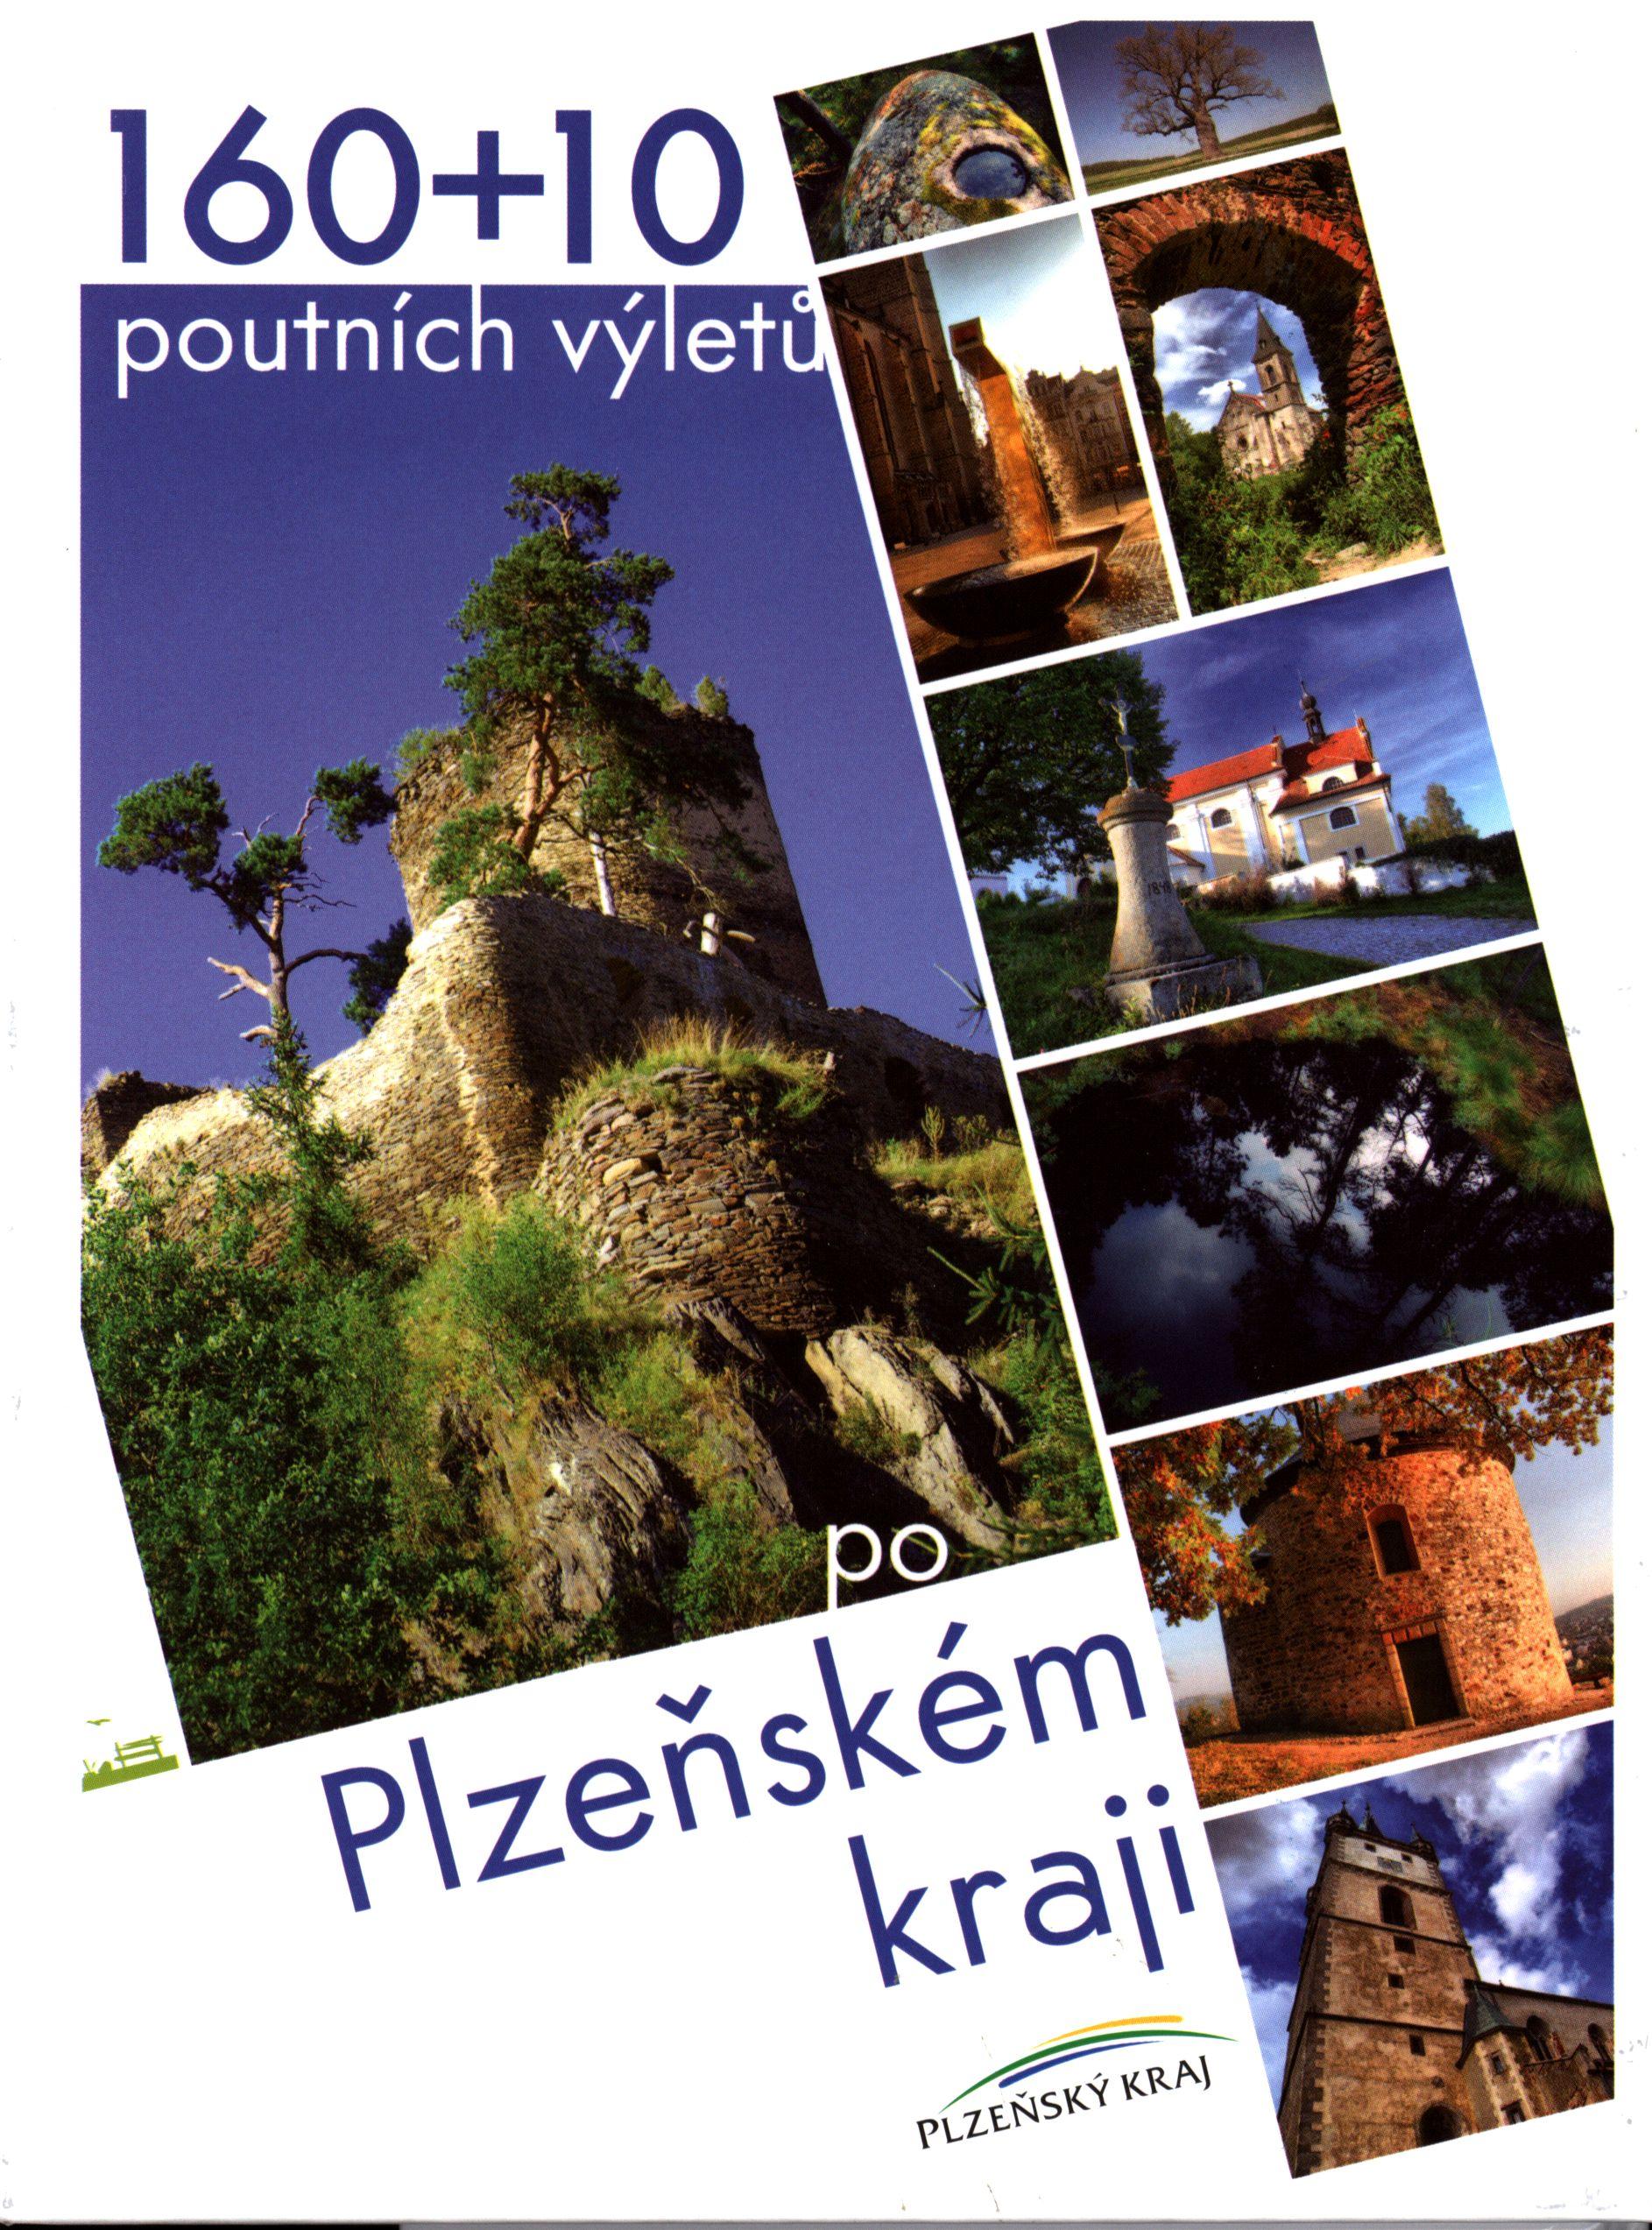 160 +10 poutních výletů po Plzeňském kraji